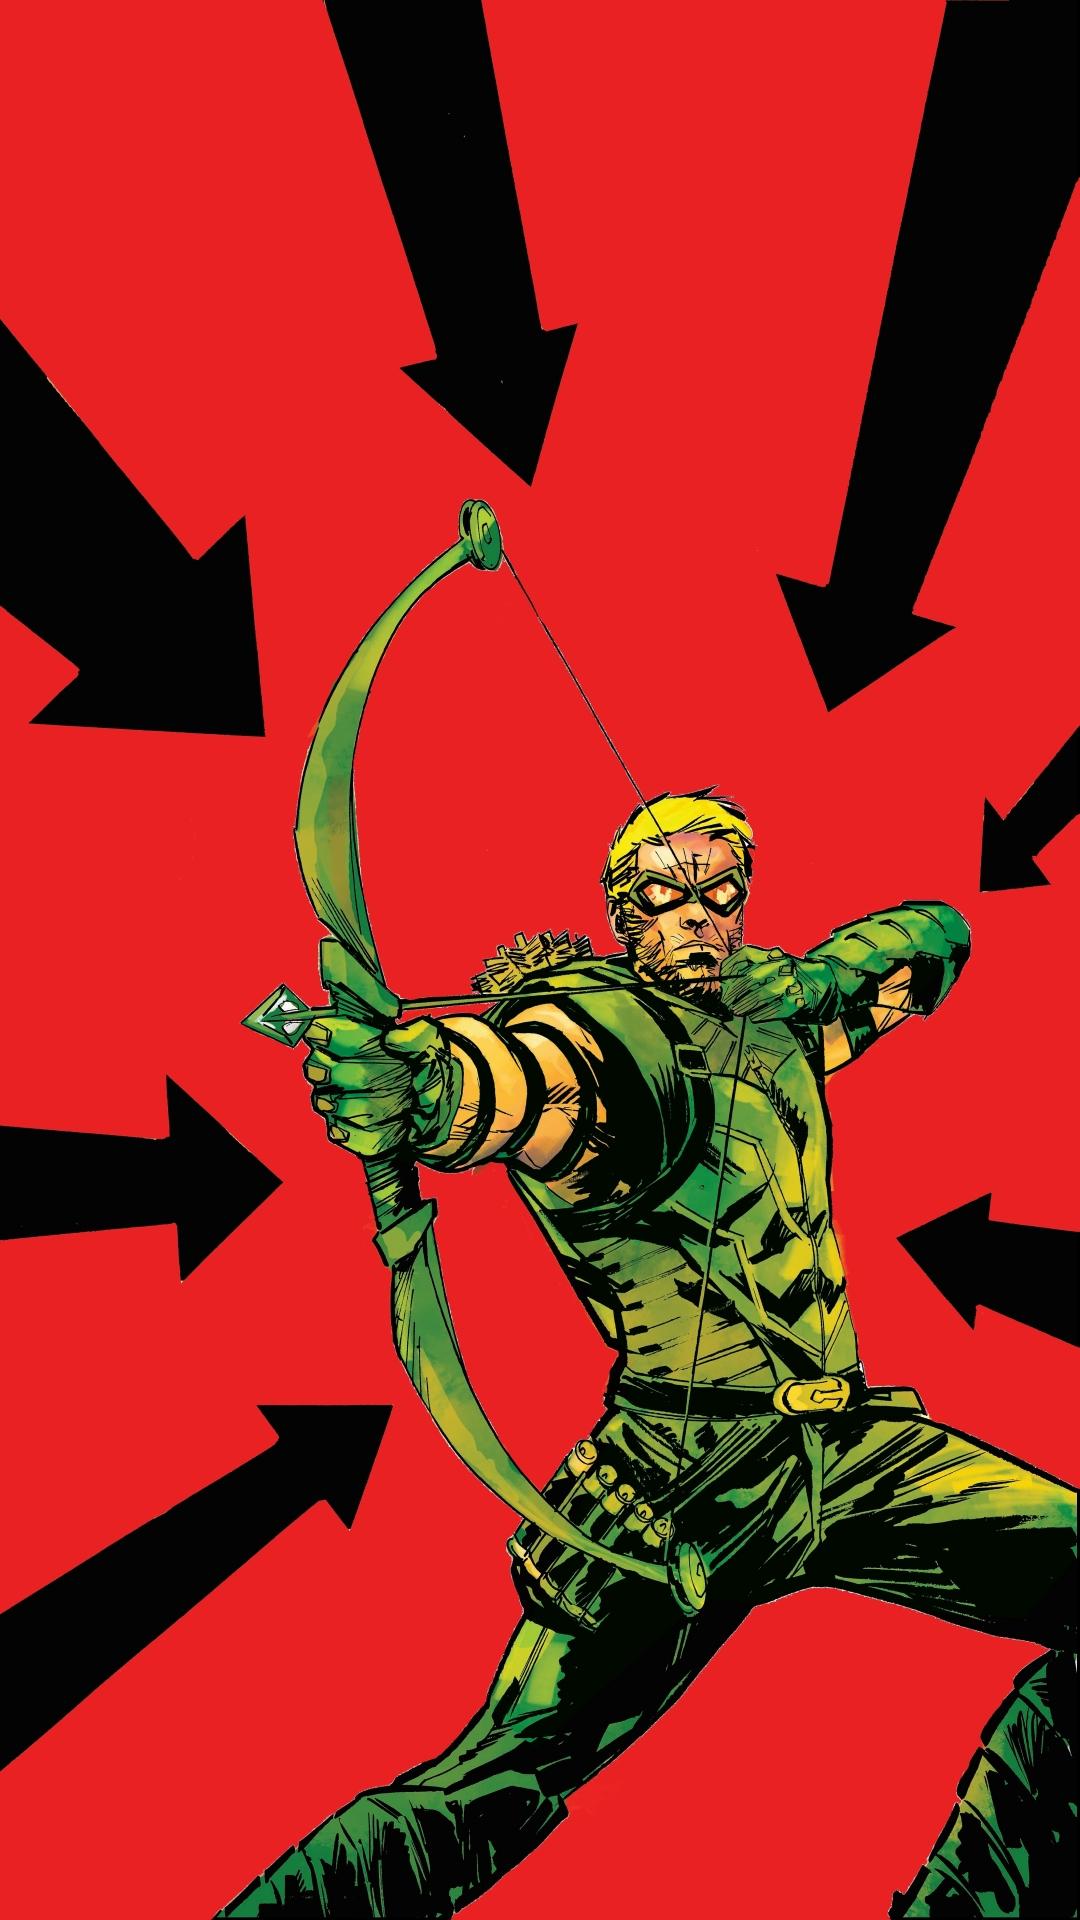 Comics Green Arrow 1080x1920 Mobile Wallpaper